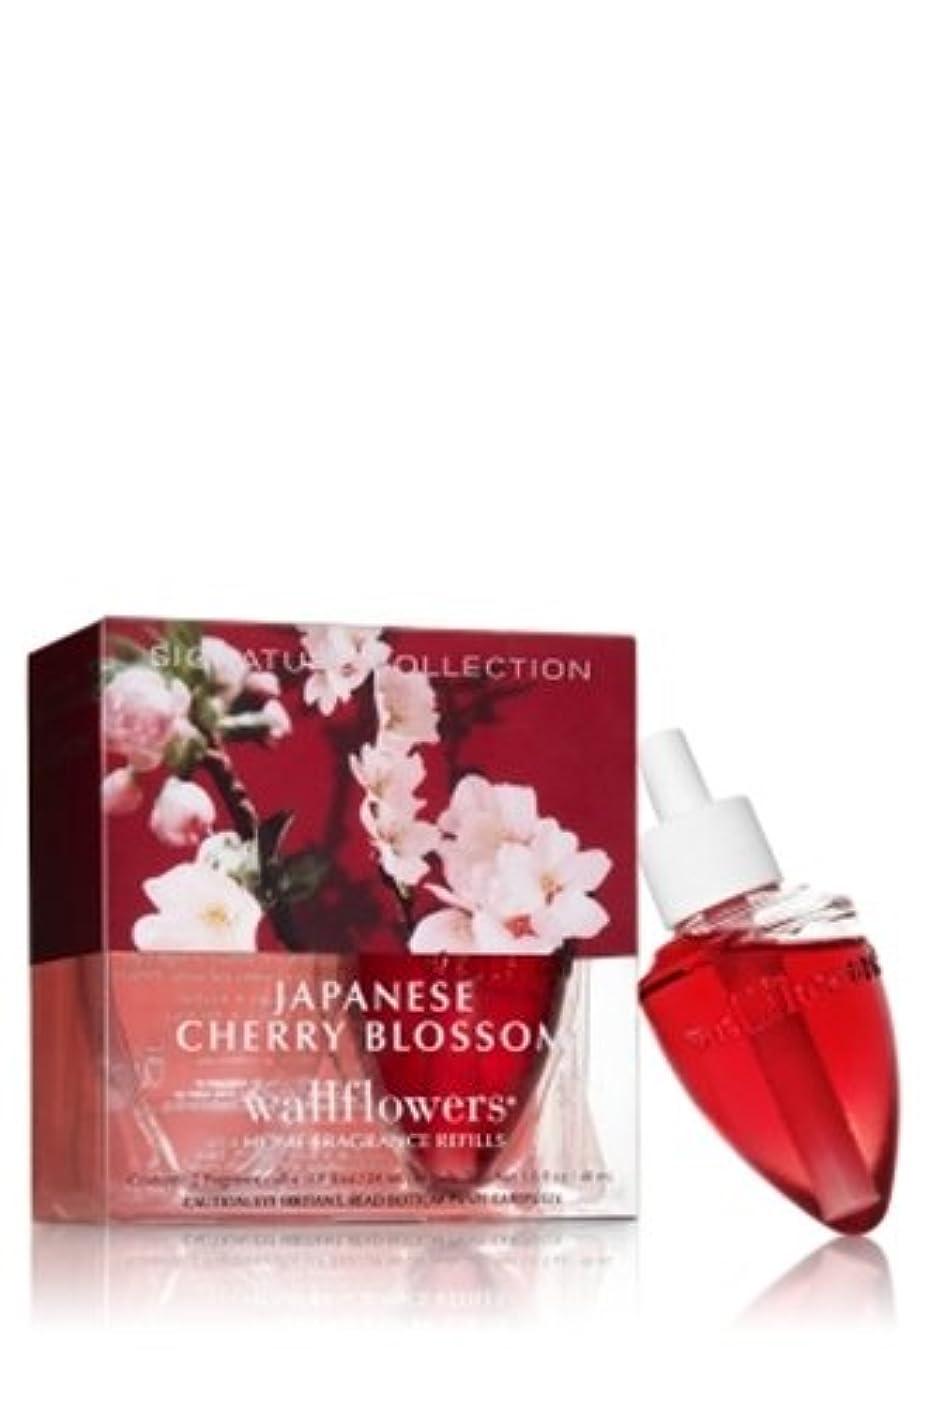 バルーンパイプ話Bath & Body Works(バス&ボディワークス)ジャパニーズチェリーブロッサム ホームフレグランス レフィル2本セット(本体は別売りです)Japanese Cherry Blossom Wallflowers...